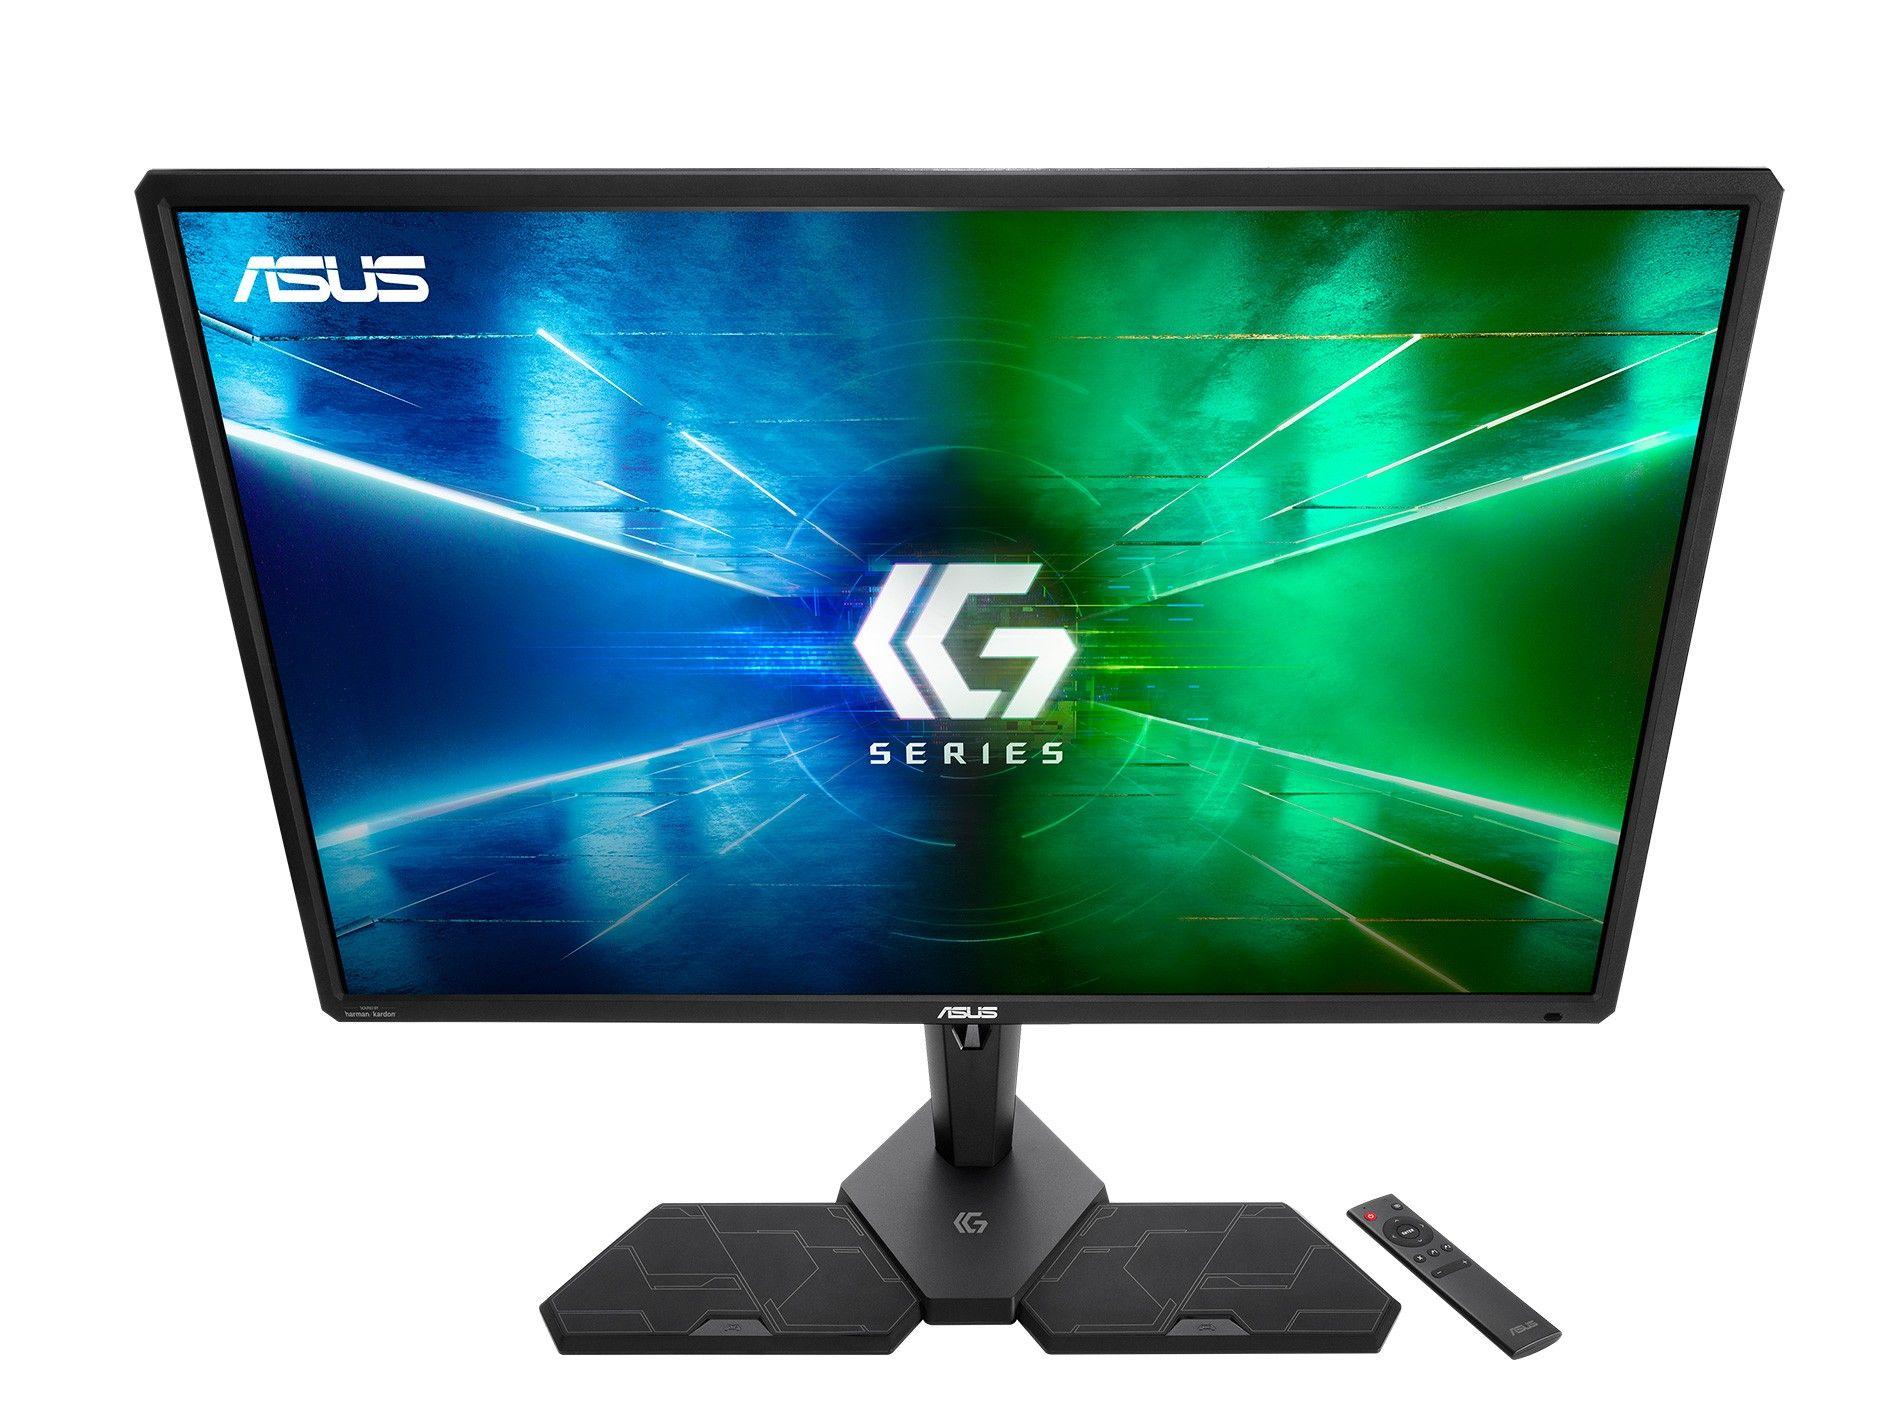 La primera pantalla ASUS diseñada especialmente para jugadores de consola presenta tecnología